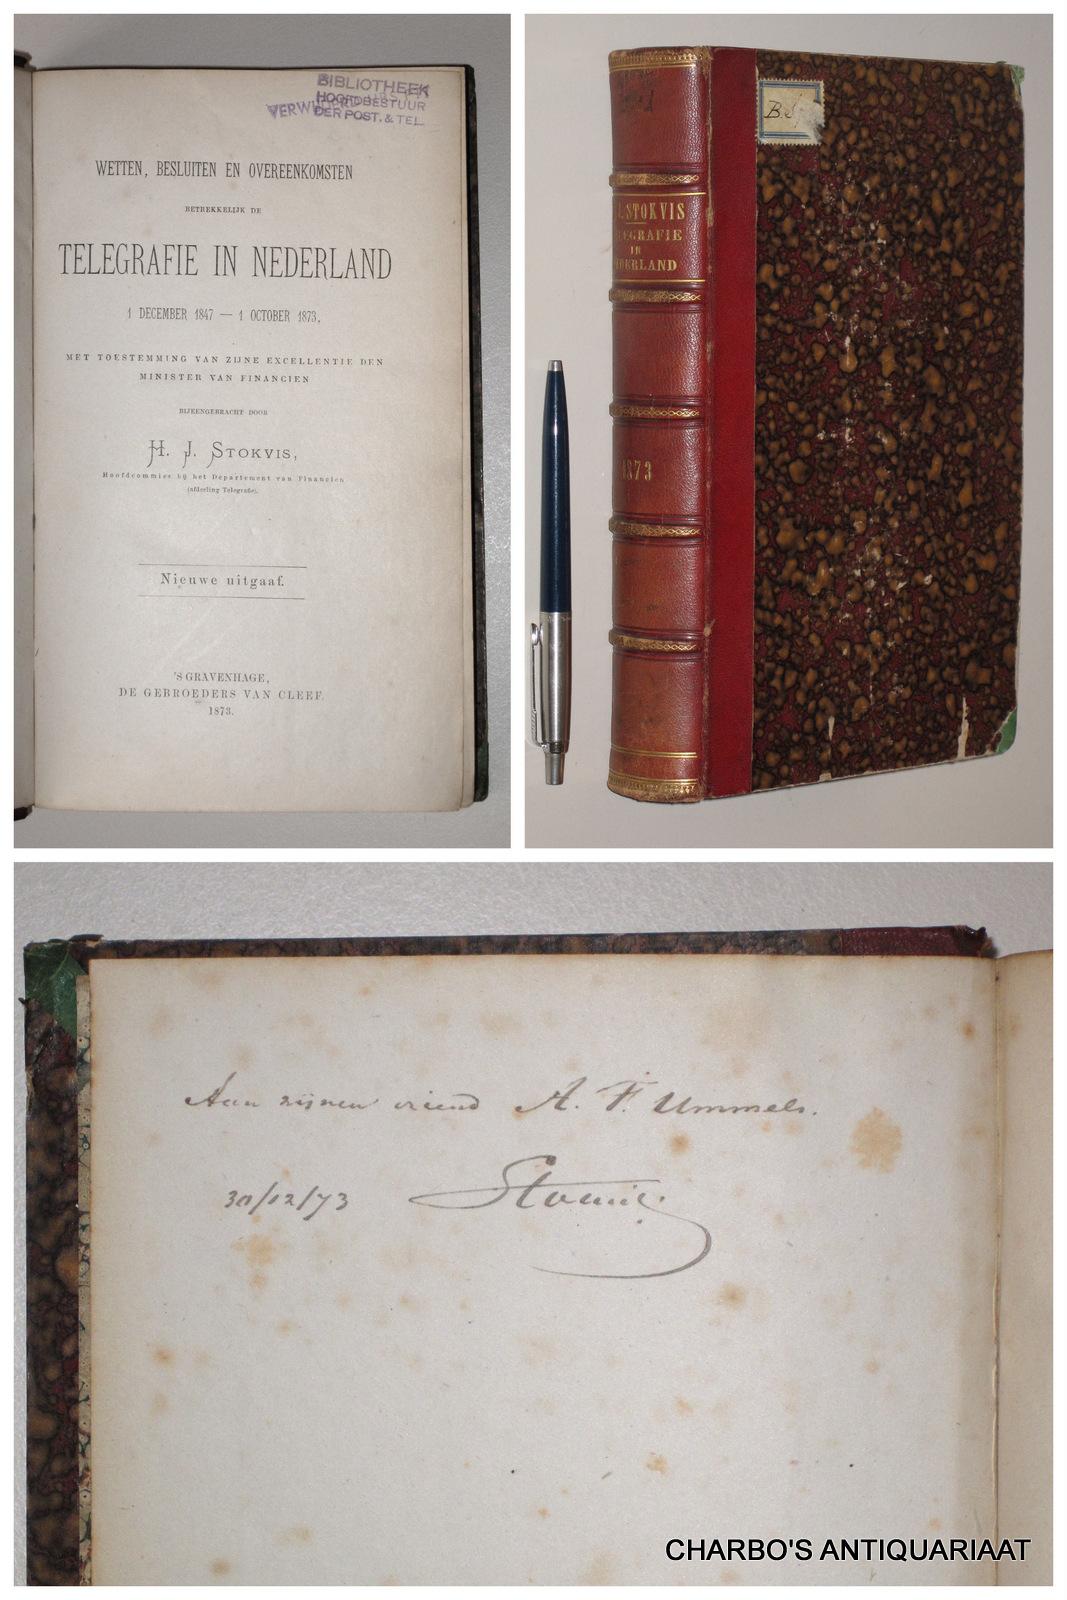 STOKVIS, H.J., -  Wetten, besluiten en overeenkomsten betrekkelijk de electro-magnetische telegrafen in Nederland, 1 Decenber 1847 - 1 October 1873.